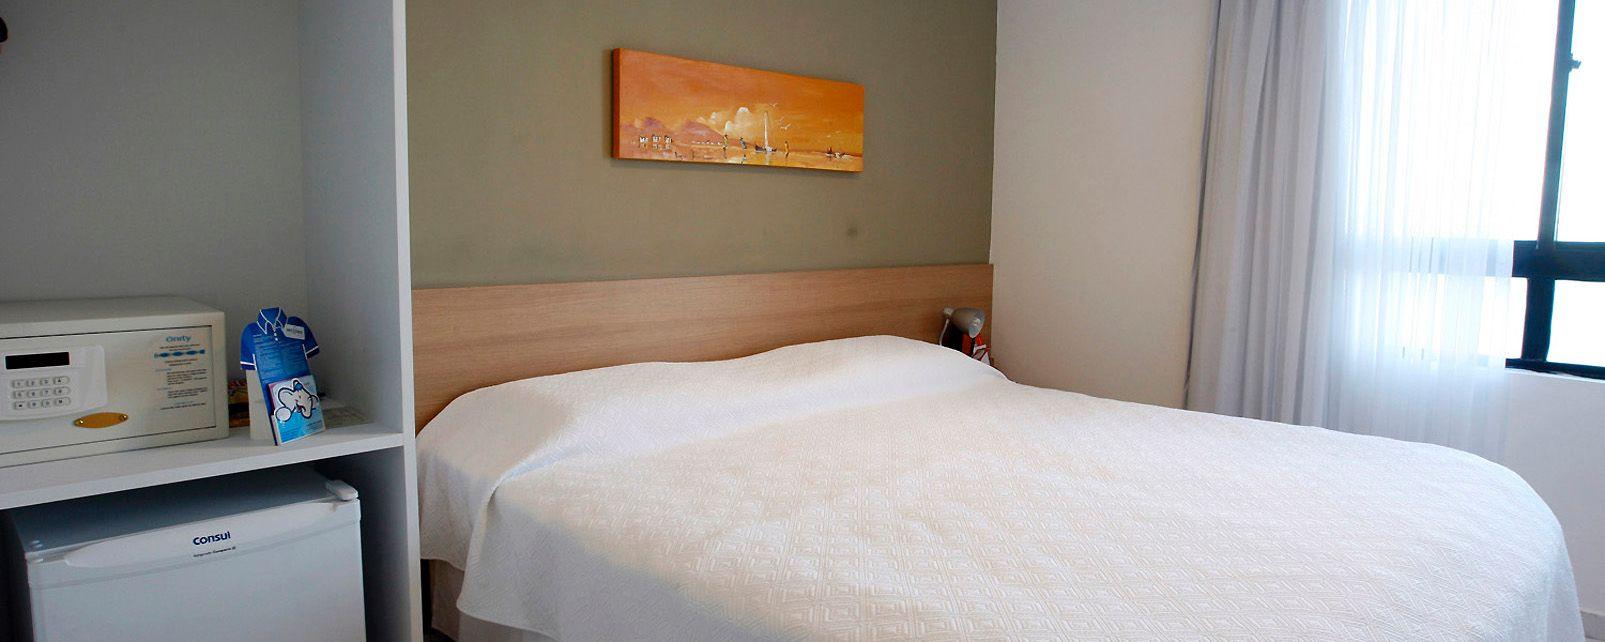 Hotel Intercity Premium